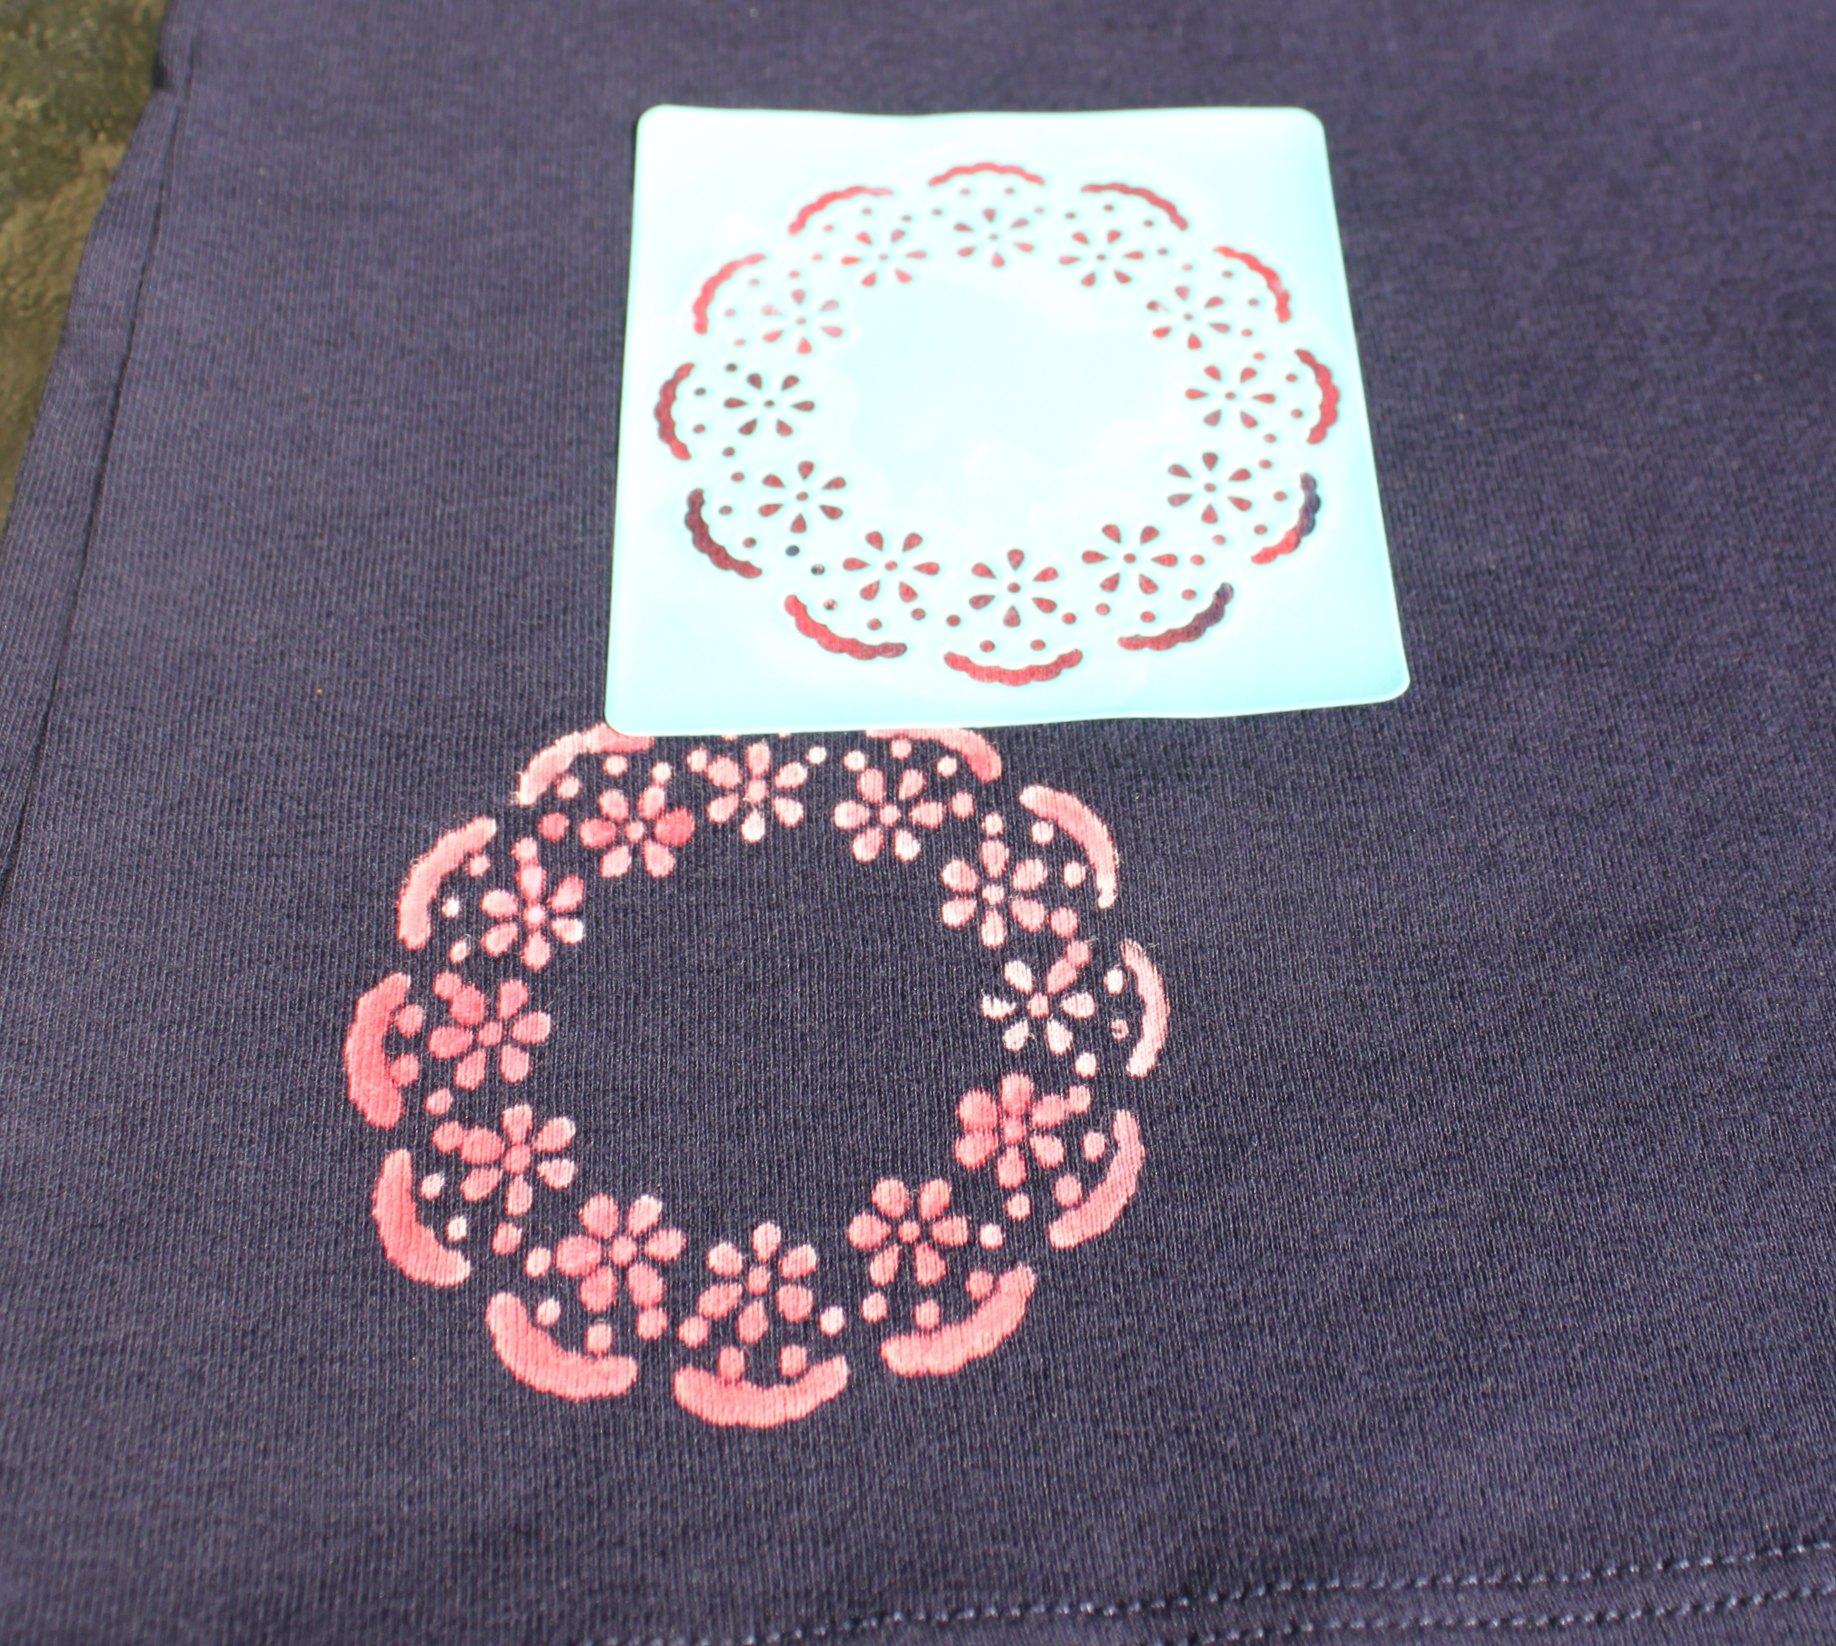 Shirt design using bleach -  Bleach Pen T Shirt Wash Stencils In Between